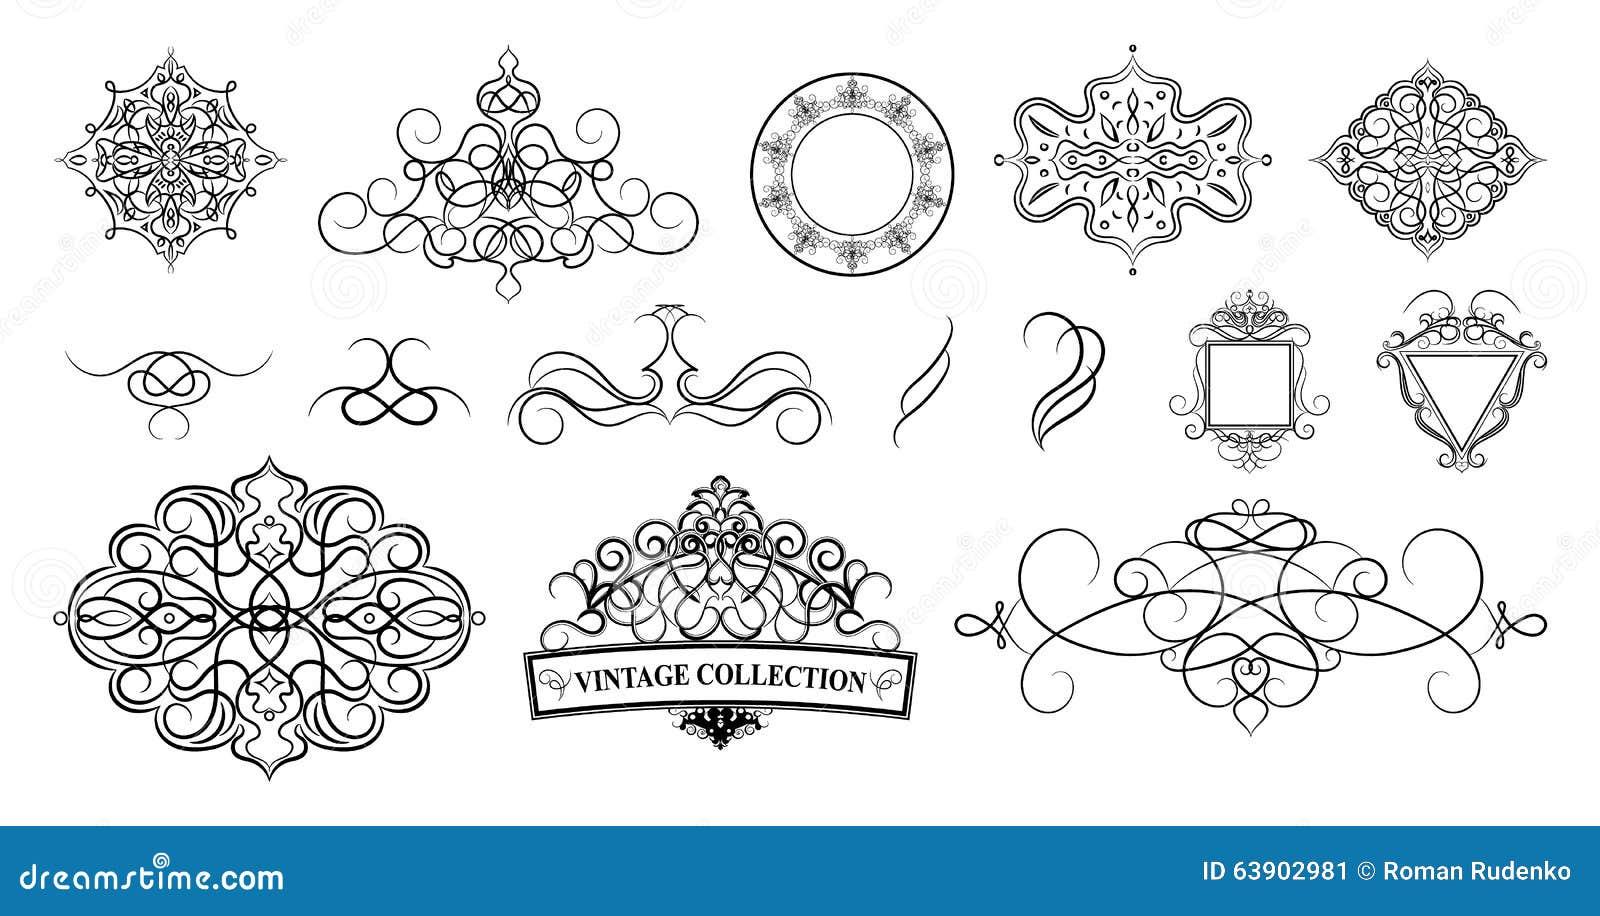 Vintage set decor elements decoration for logo wedding album o set vintage borders frame and rosette decoration for logo we stock image junglespirit Gallery